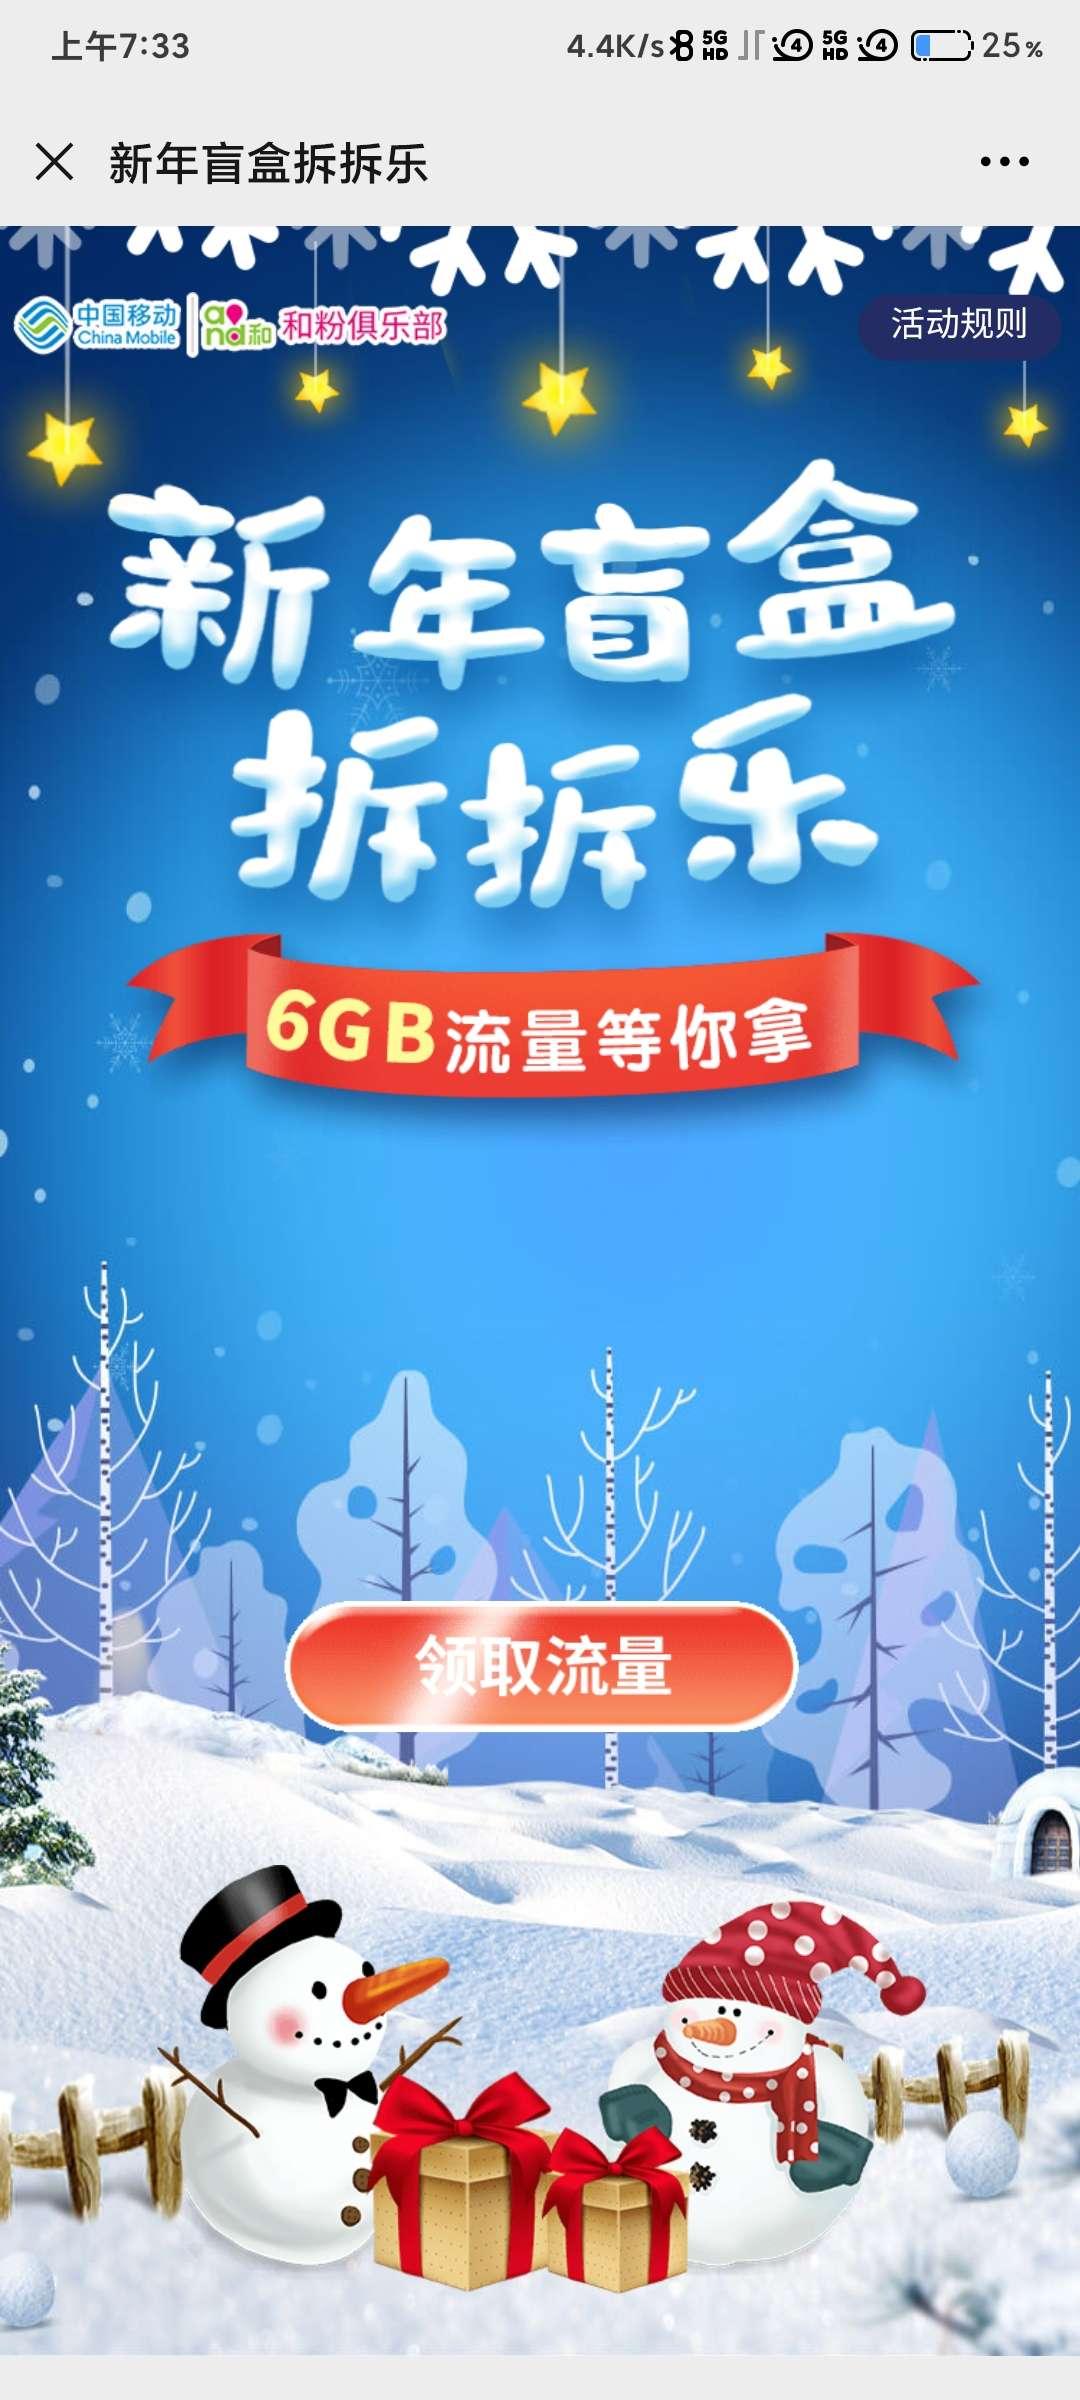 中国移动新年盲盒拆拆乐插图